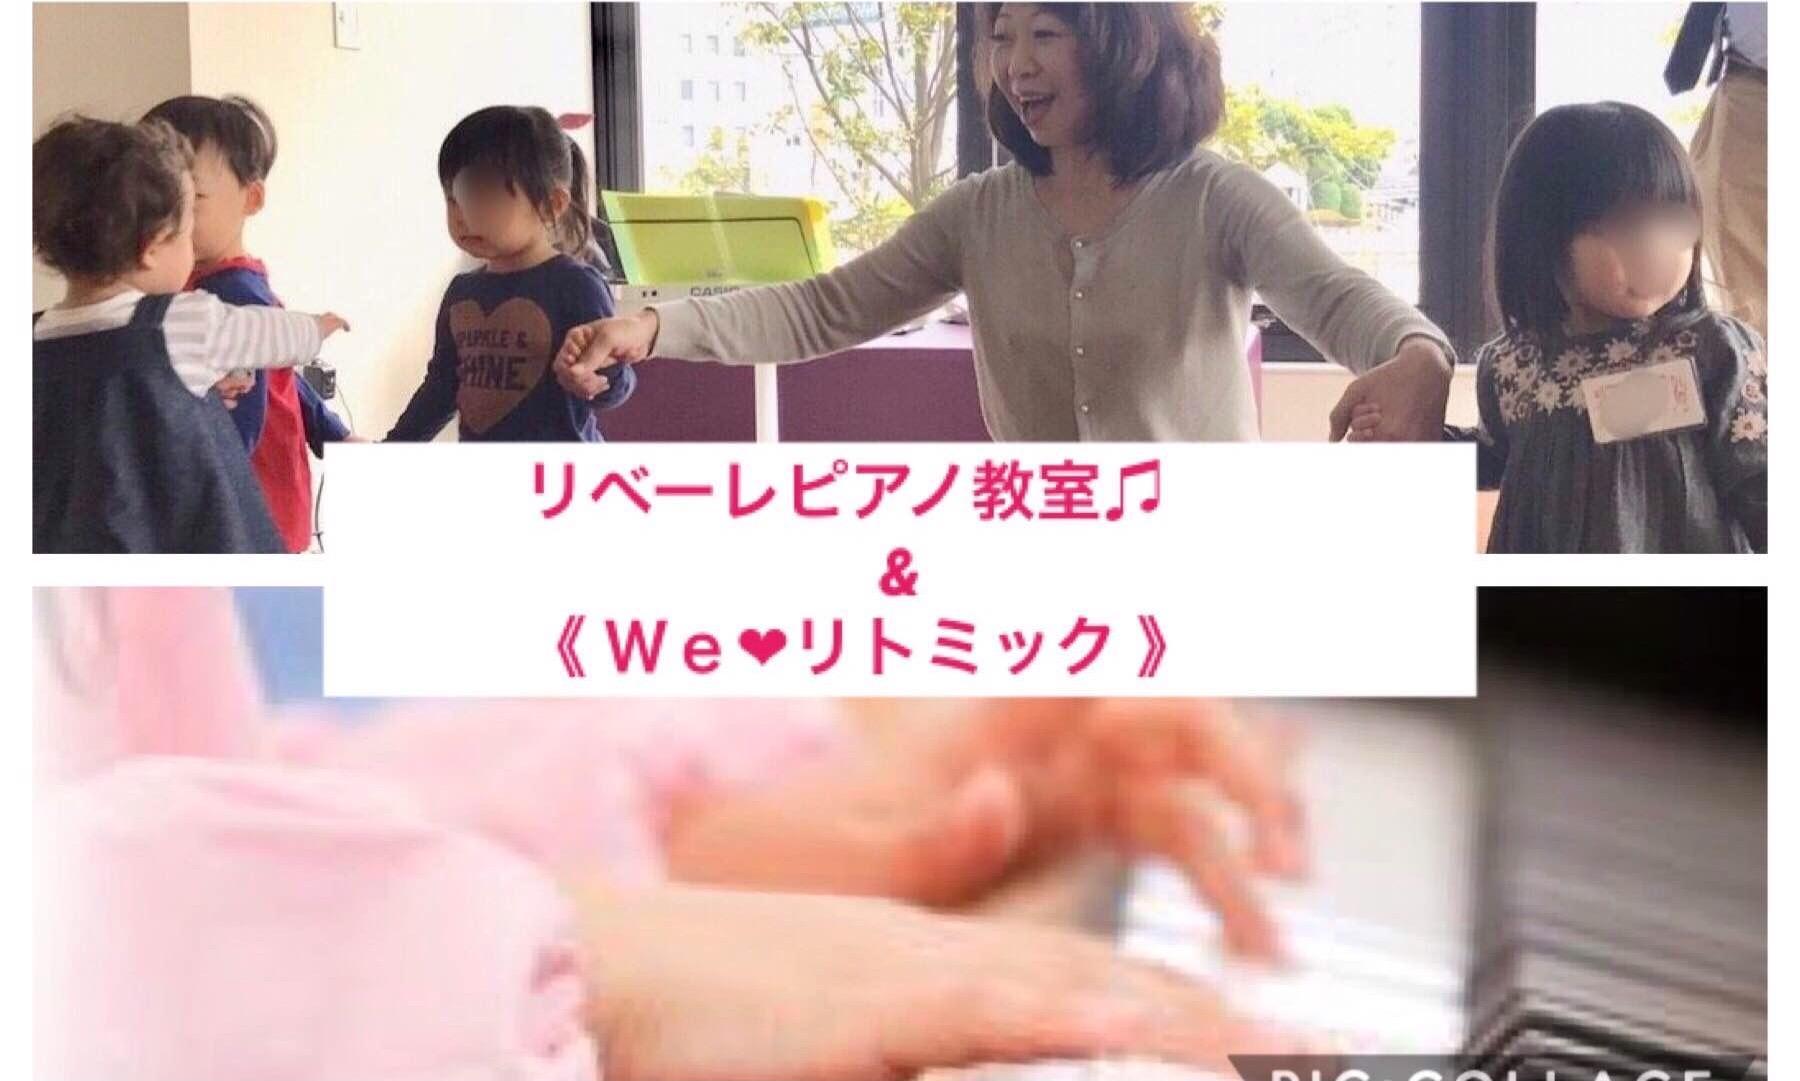 リベーレピアノ教室♫ & 《 We❤︎リトミック 》 江戸川教室